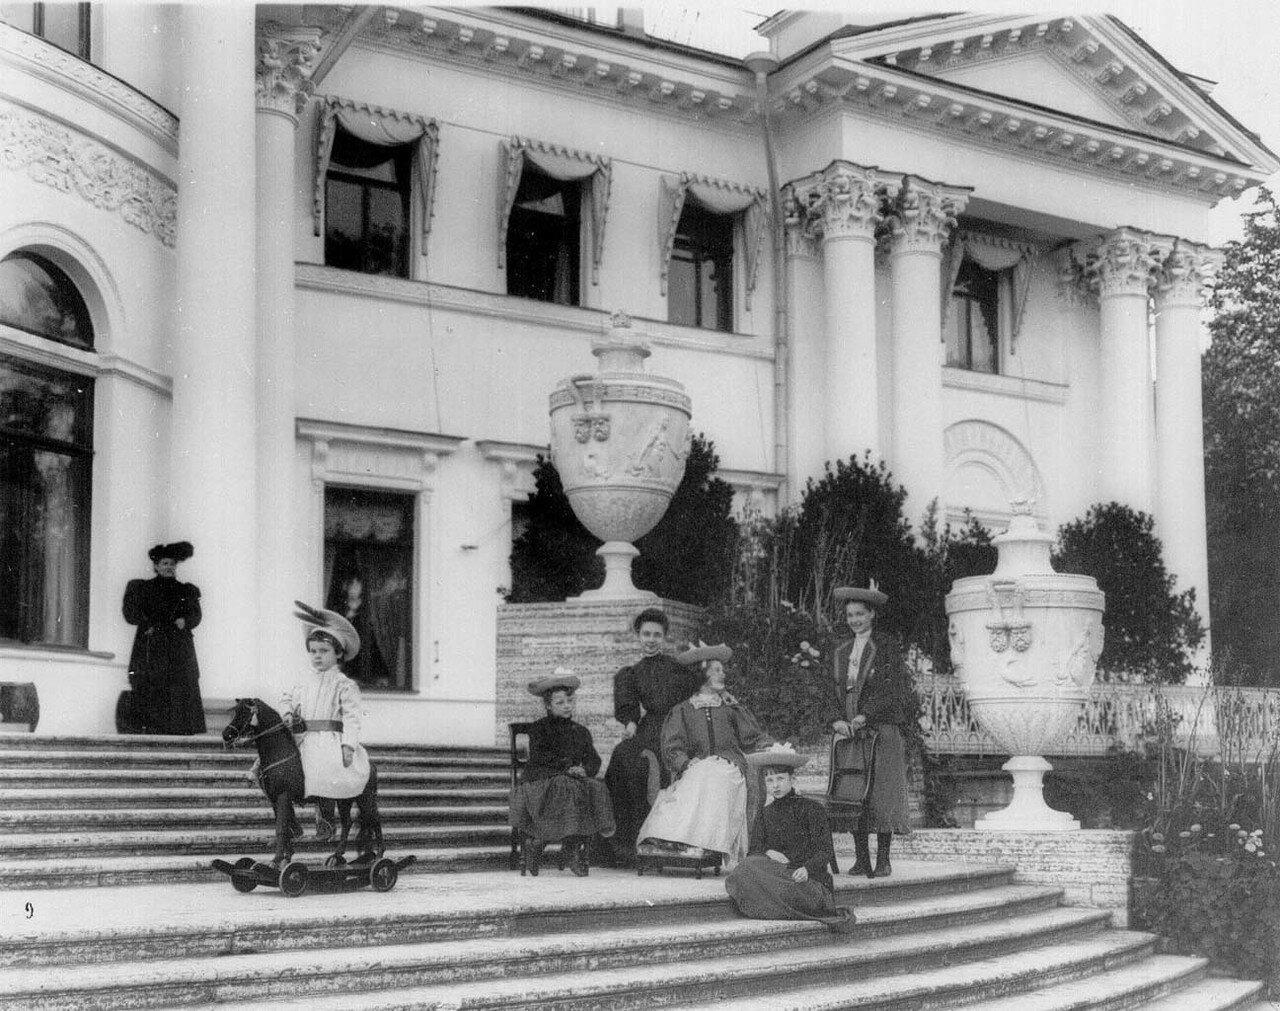 Дети П.А.Столыпина на лестнице Елагина дворца (слева направо) сын Аркадий (на лошадке), дочь Александра, дочь Мария, дочь Наталья, дочь Ольга, дочь Елена (сидит)